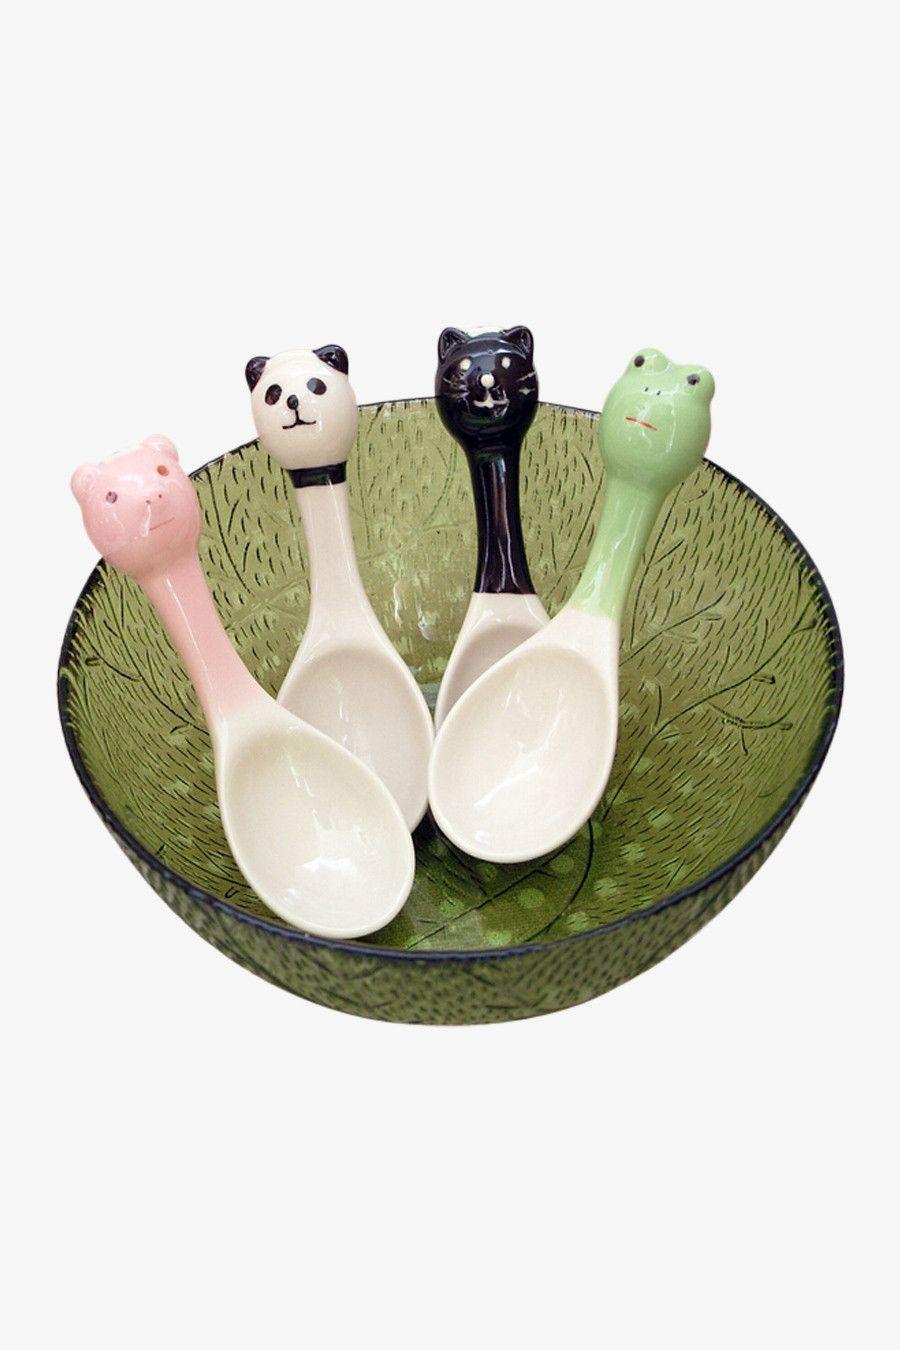 Two Pieces Cartoon Design Ceramic Spoons